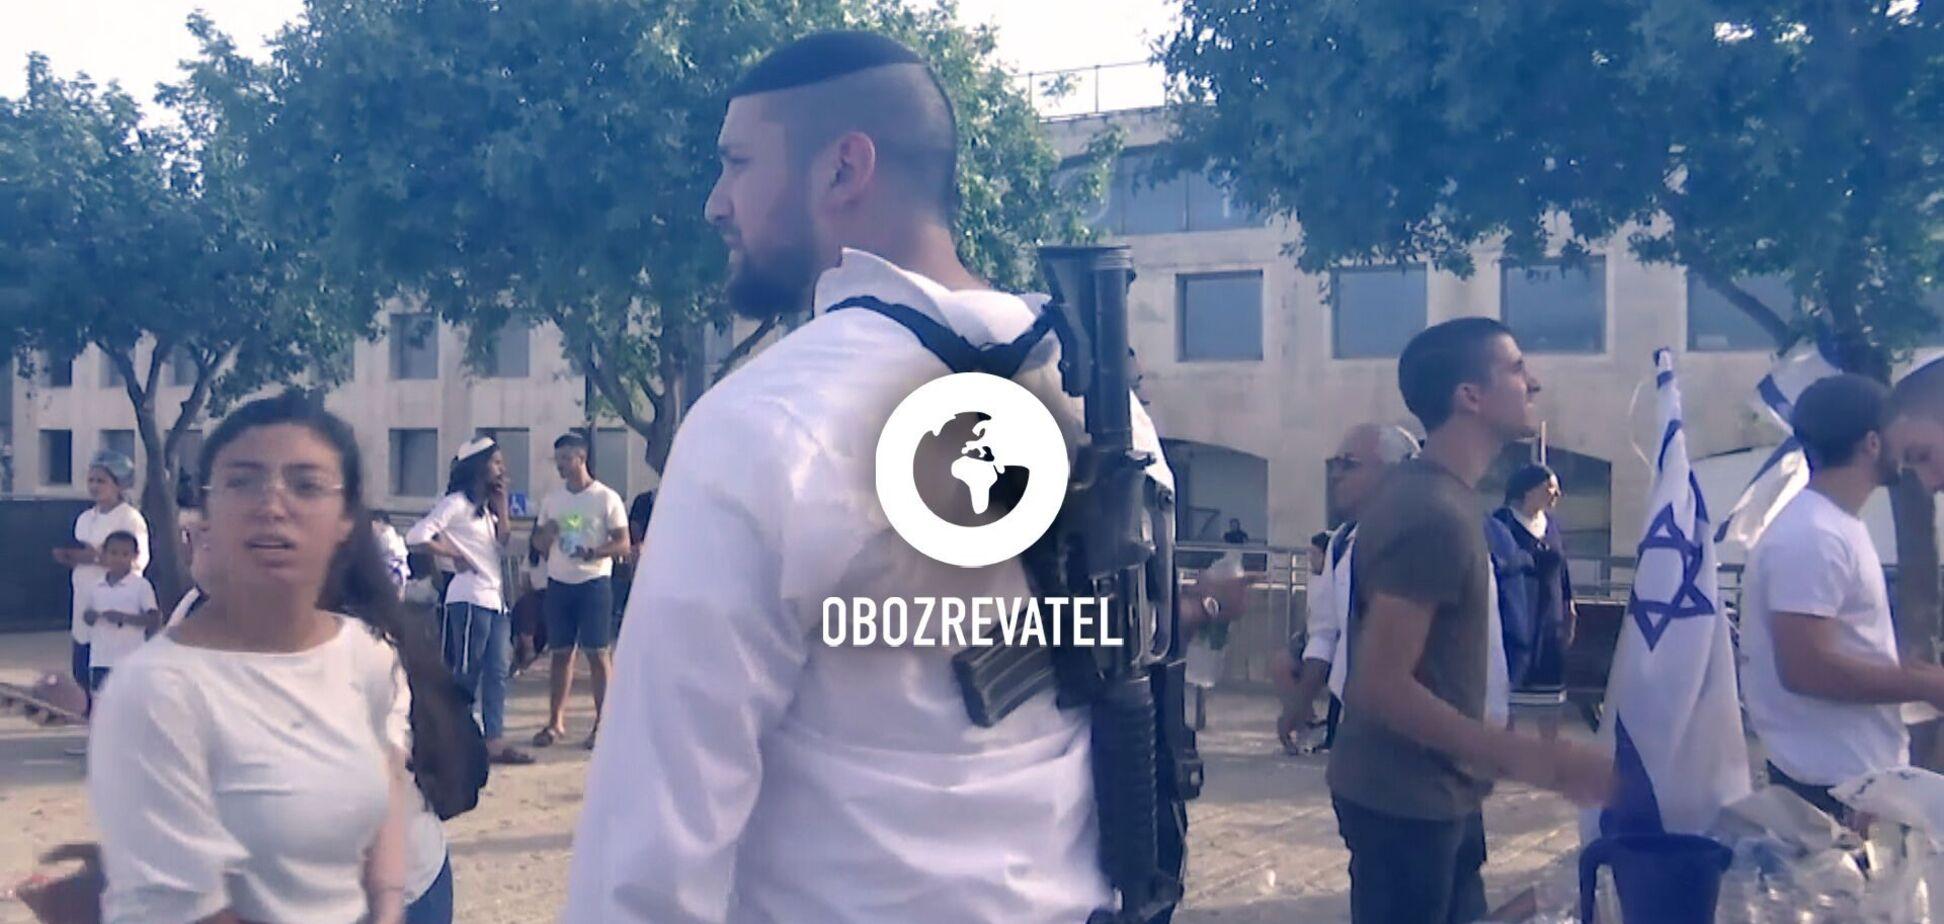 Ізраїльсько-палестинський конфлікт, теракт в Афганістані та стрілянина в російській Казані у школі – дайджест міжнародних подій